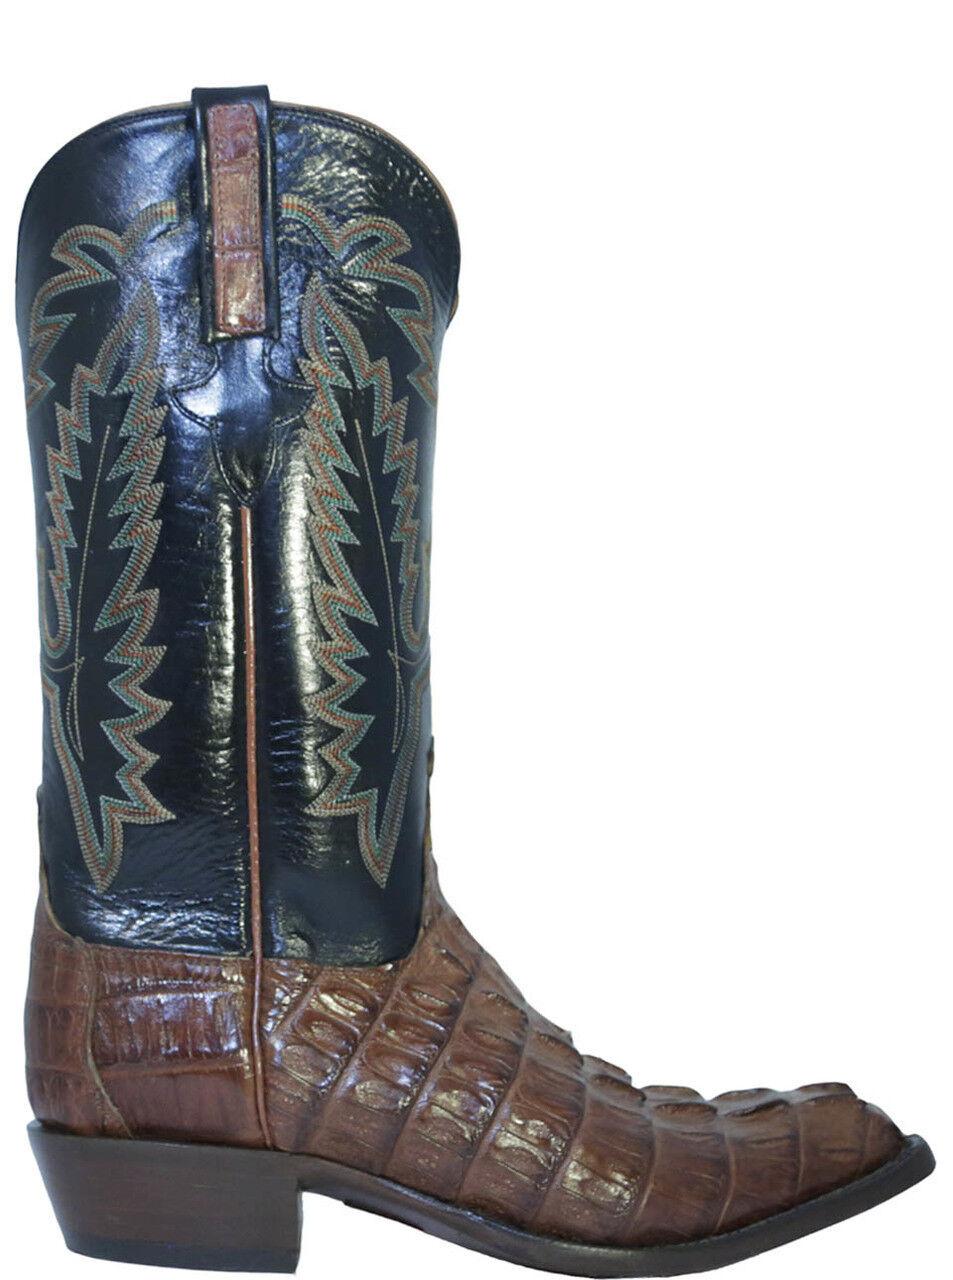 Men's Lucchese L1326.23 Classics Caimán Cocodrilo botas de vaquero, Coñac